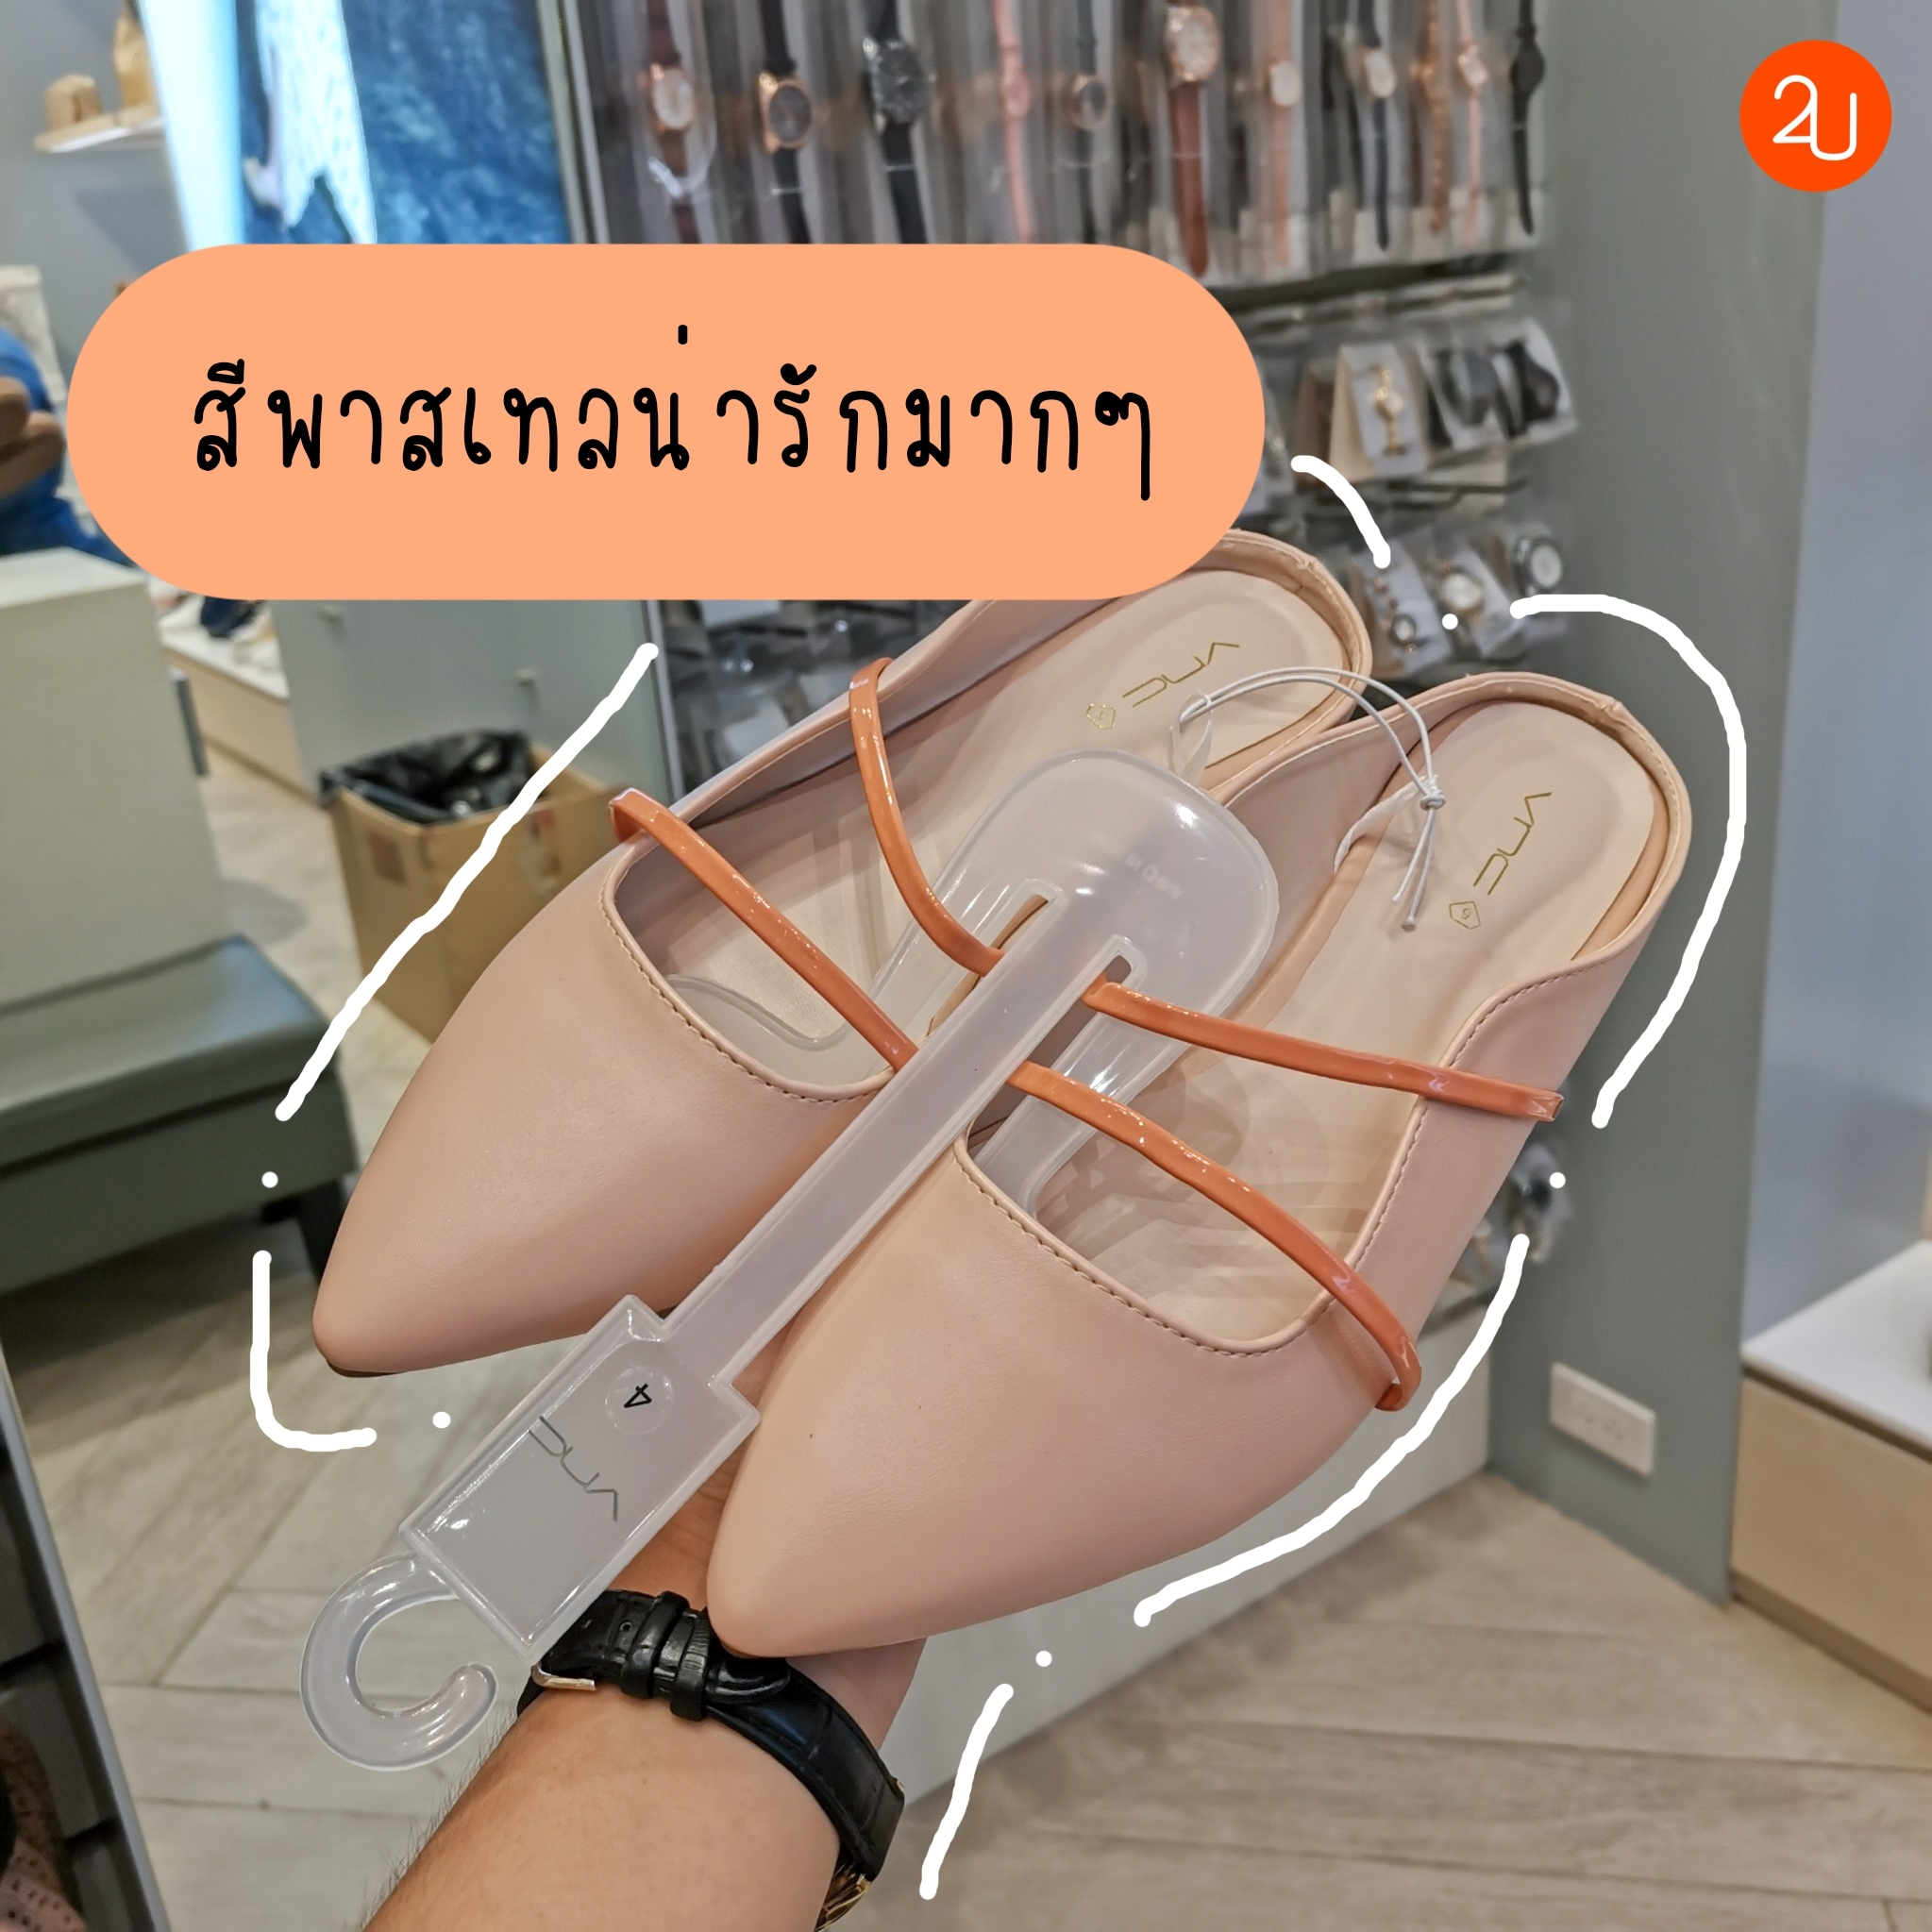 promotion VNC 2 pairs of shoes sale 790 bath